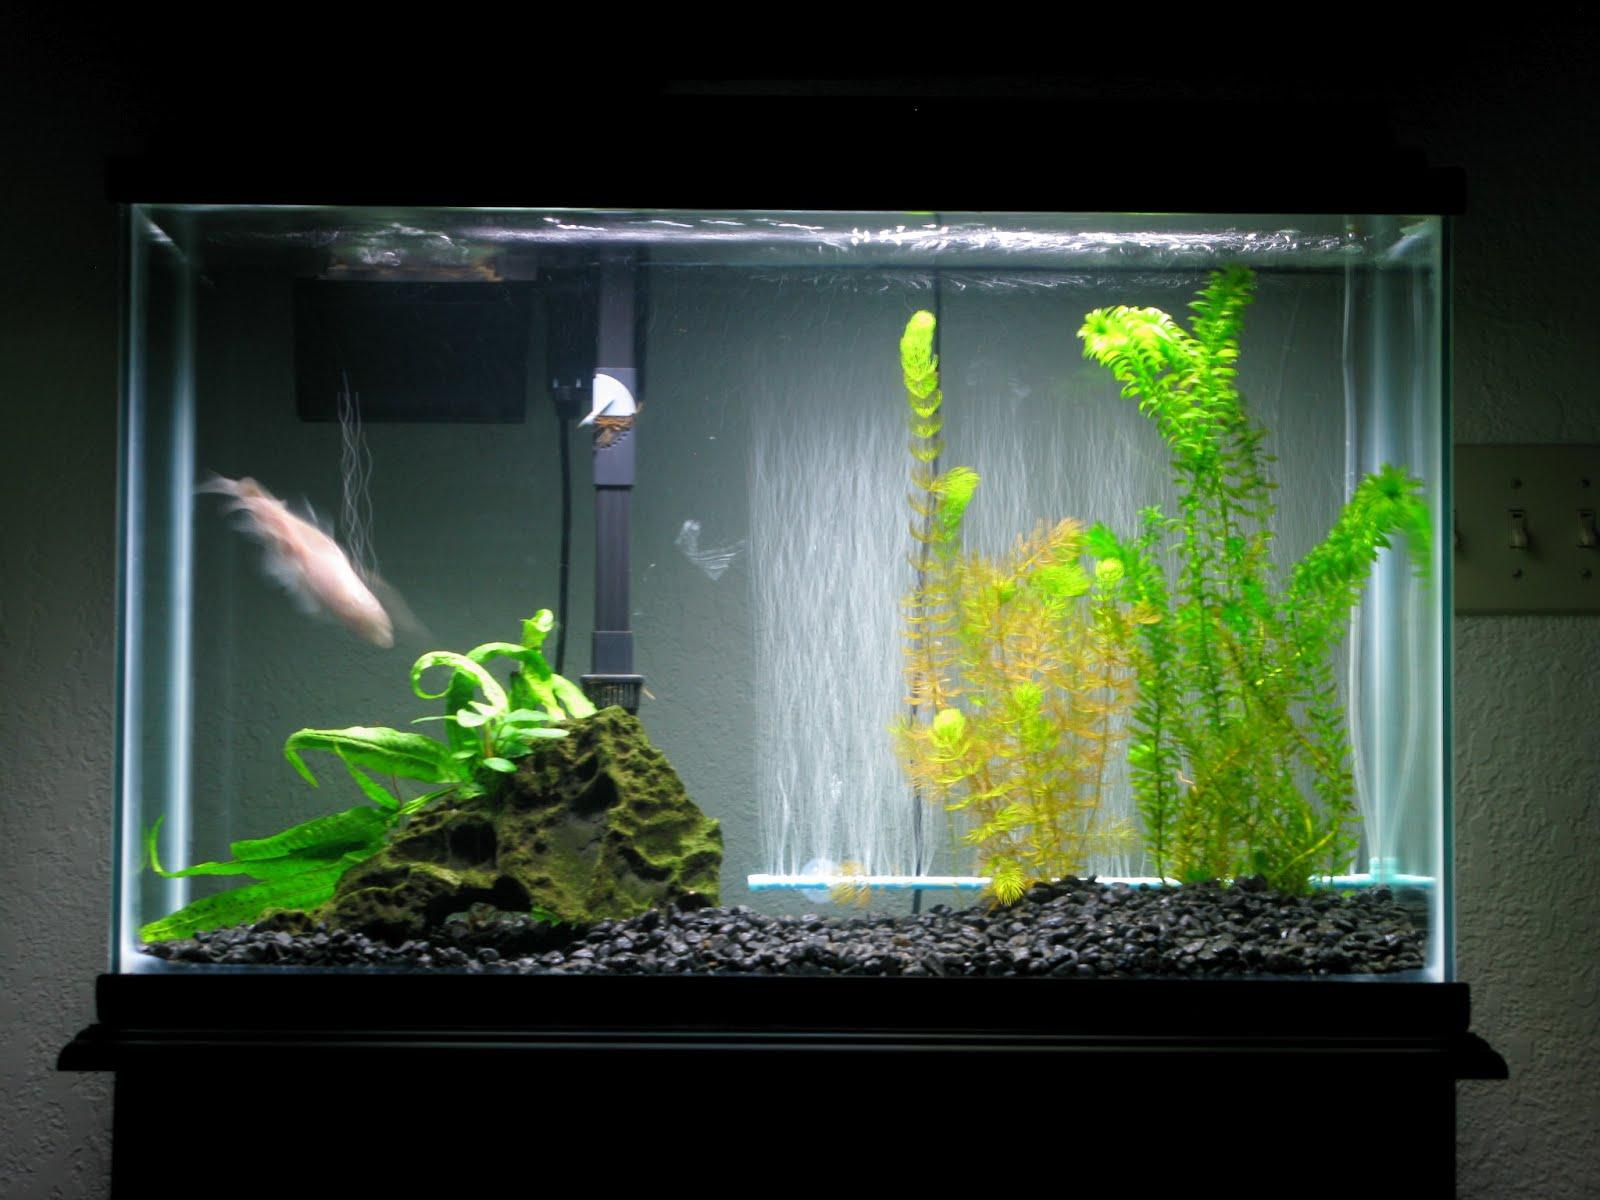 Water problem betta fish ~ Betta fish